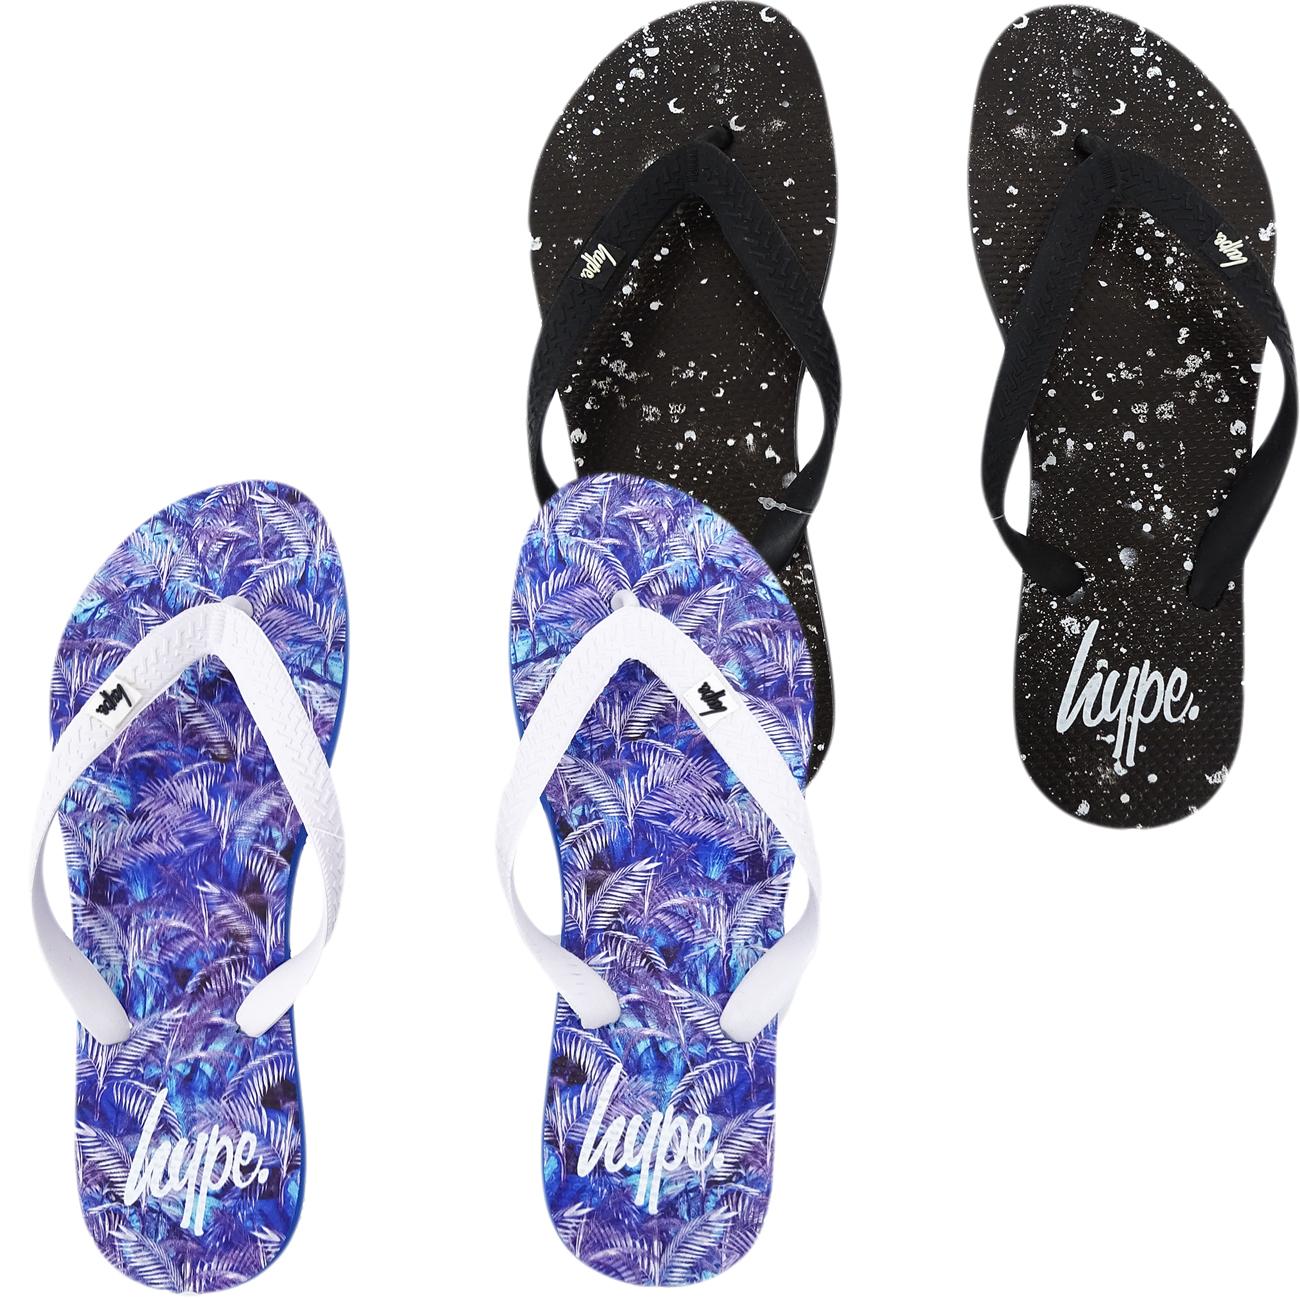 Hype Flip Flops Footwear